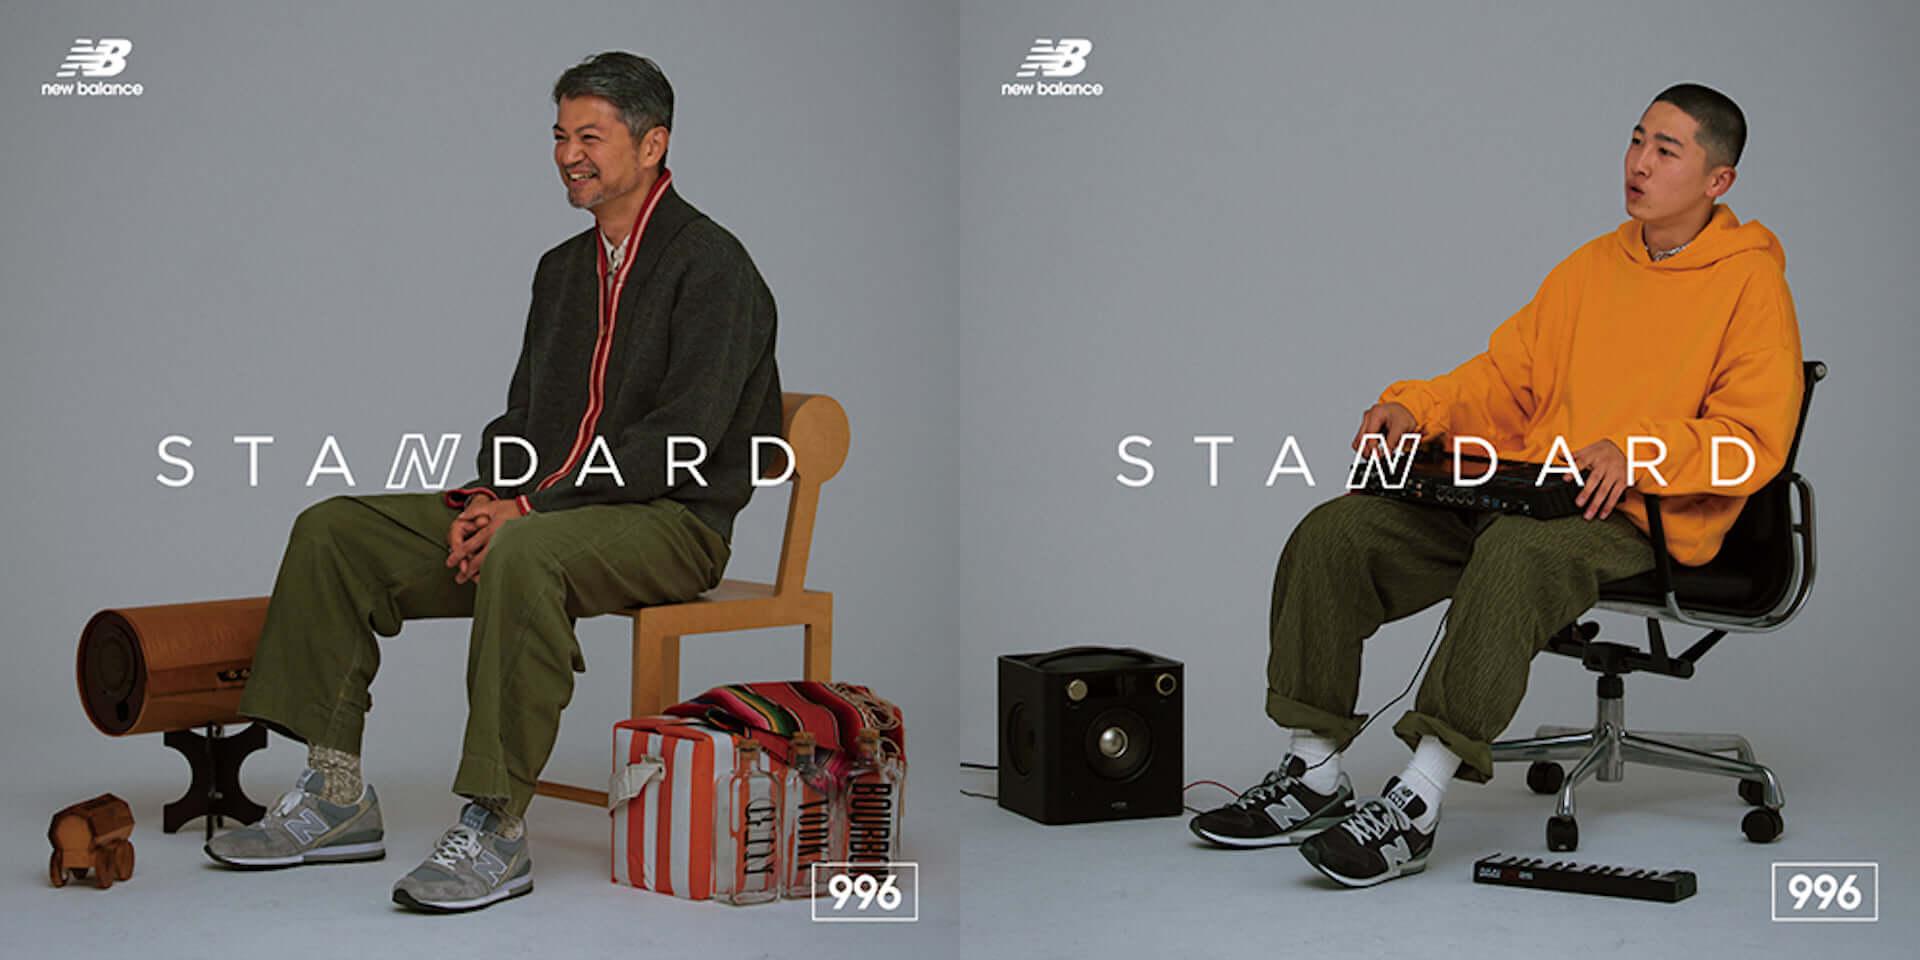 ニューバランス、究極のスタンダード「996」から定番カラーが登場|十人十色のスタンダードスタイルを表現したクリエイティブも公開 life190807_newbalance_996_2-1920x960